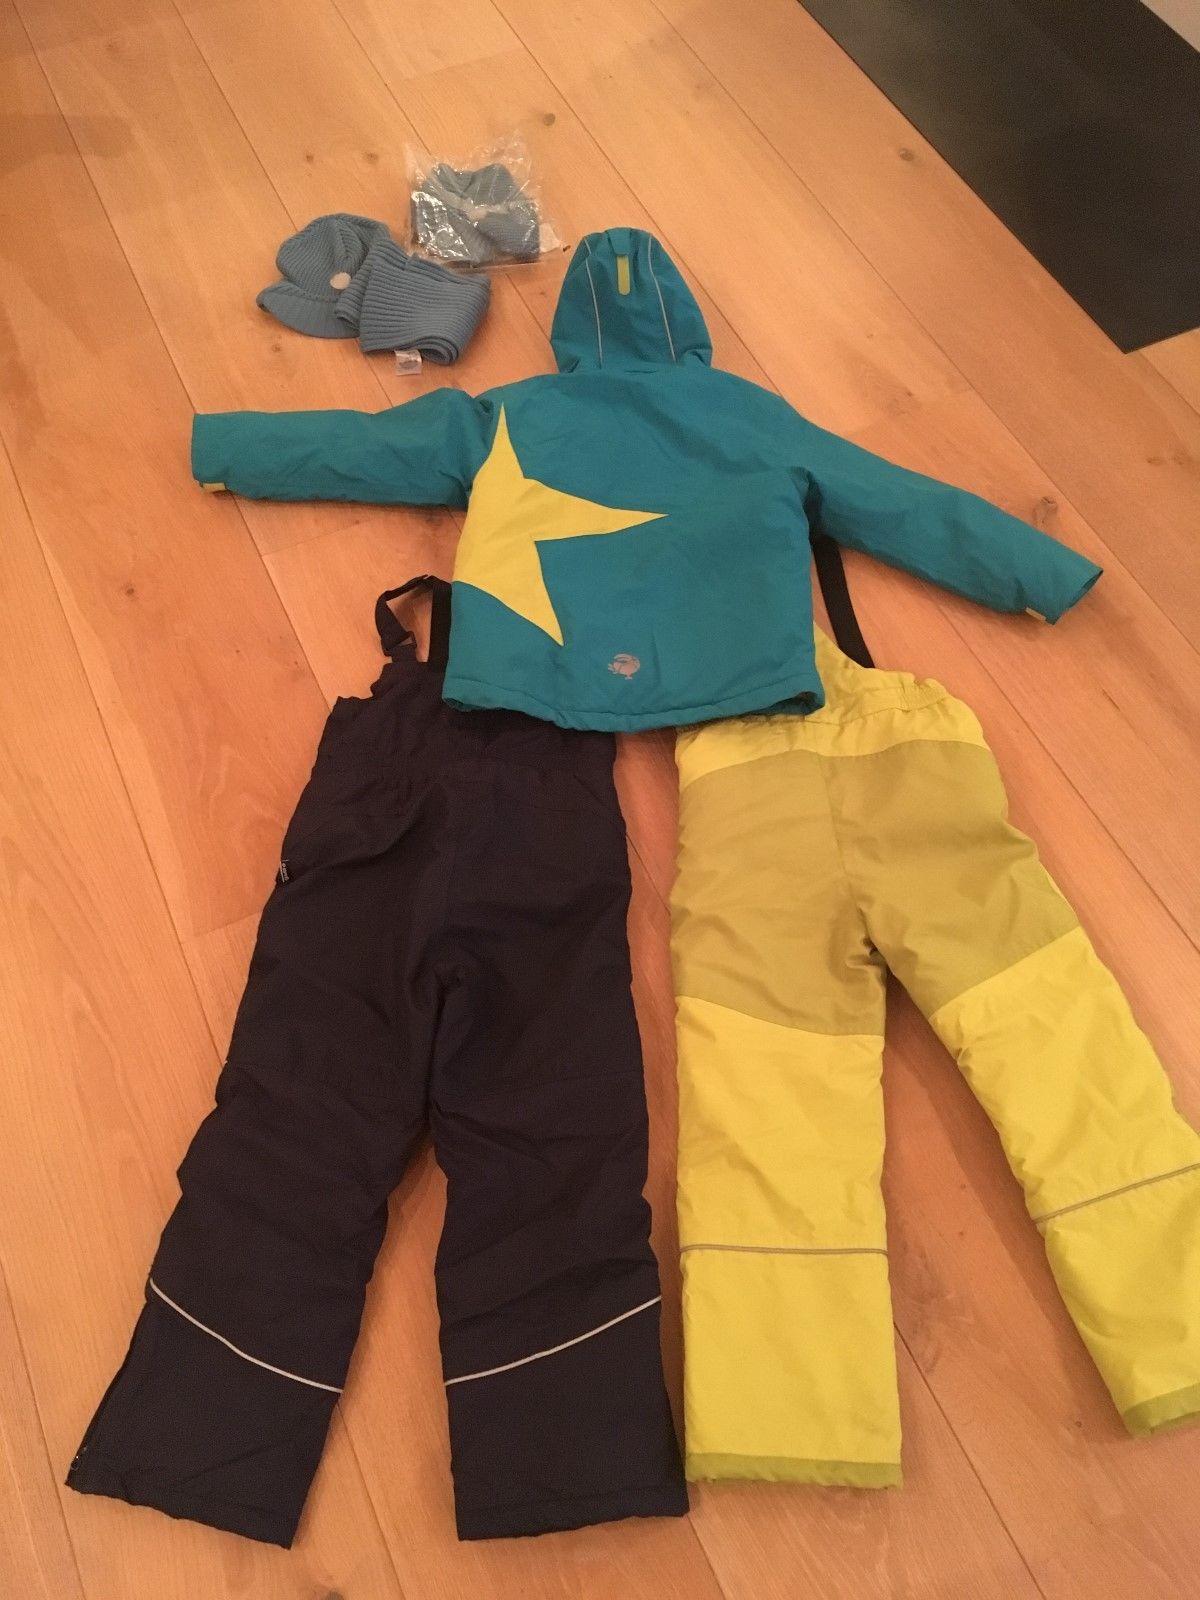 Skijacke 2 Skihosen Schal und 2 Mützen v. Jako O Gr. 128/134 Jungen gut erhalten